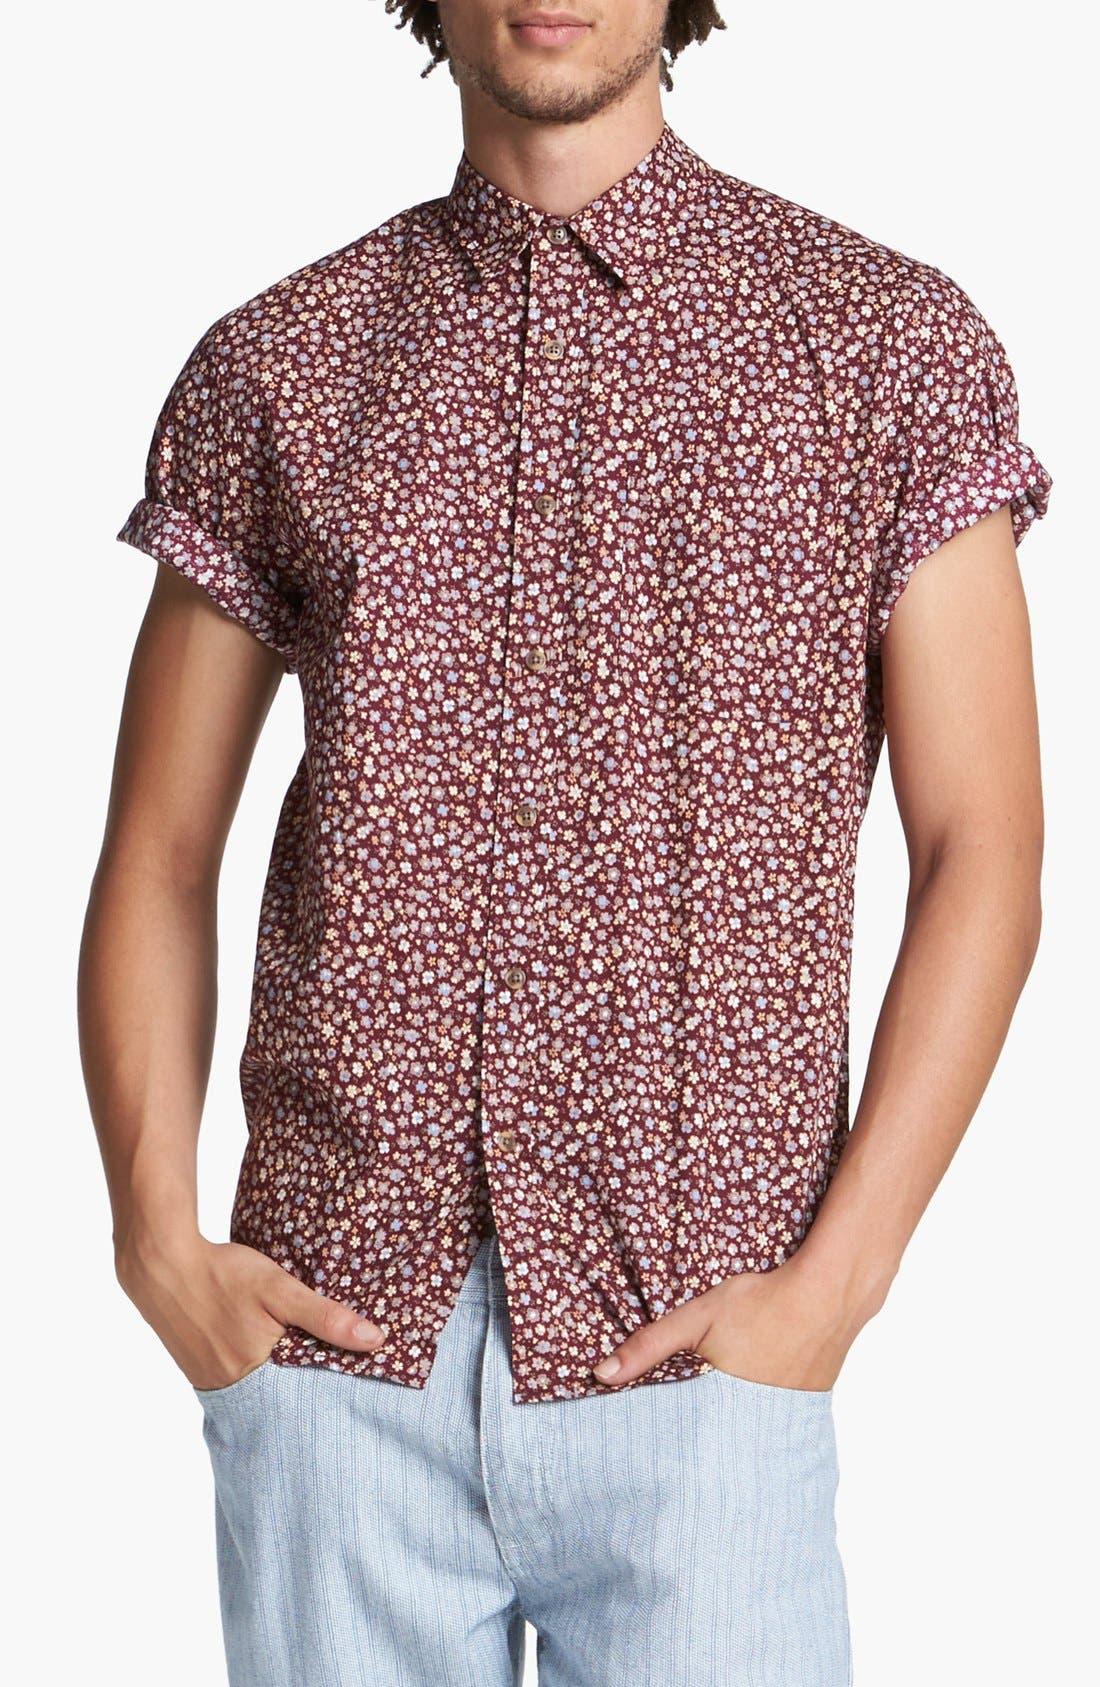 Alternate Image 1 Selected - Topman Floral Print Shirt